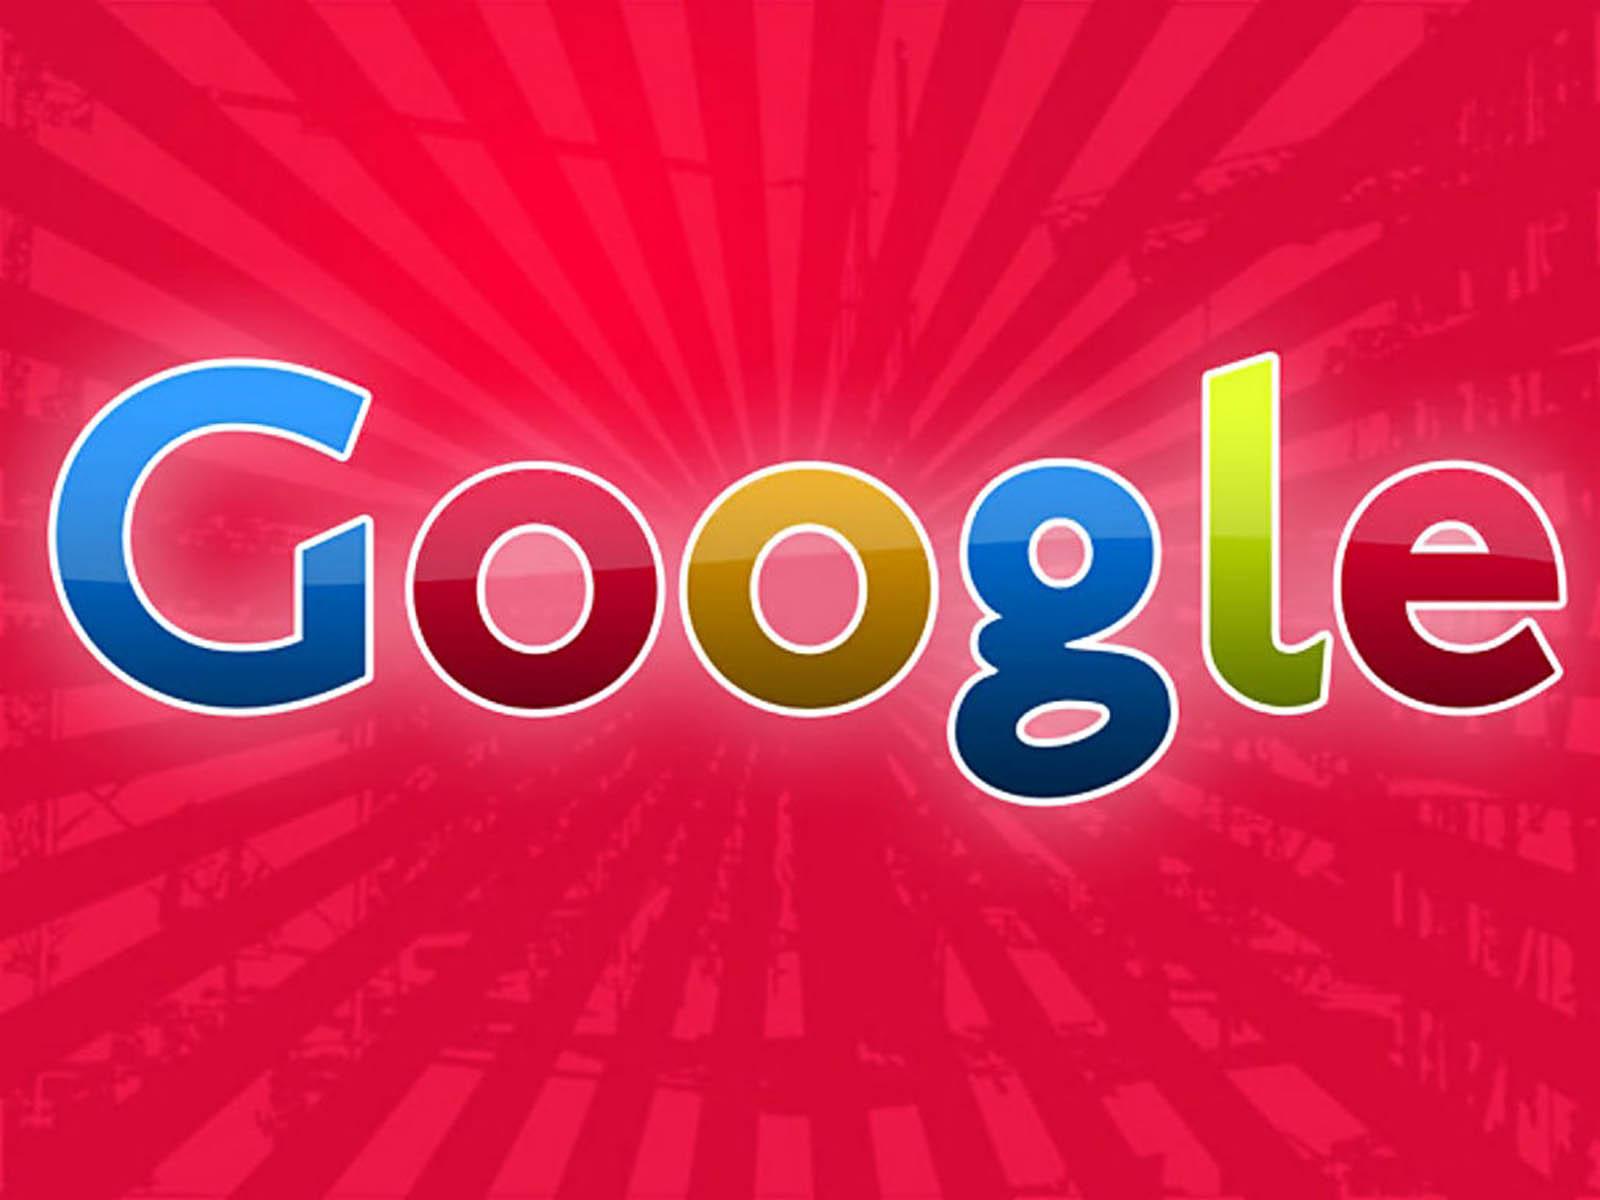 google wallpapers for desktop best wallpaper